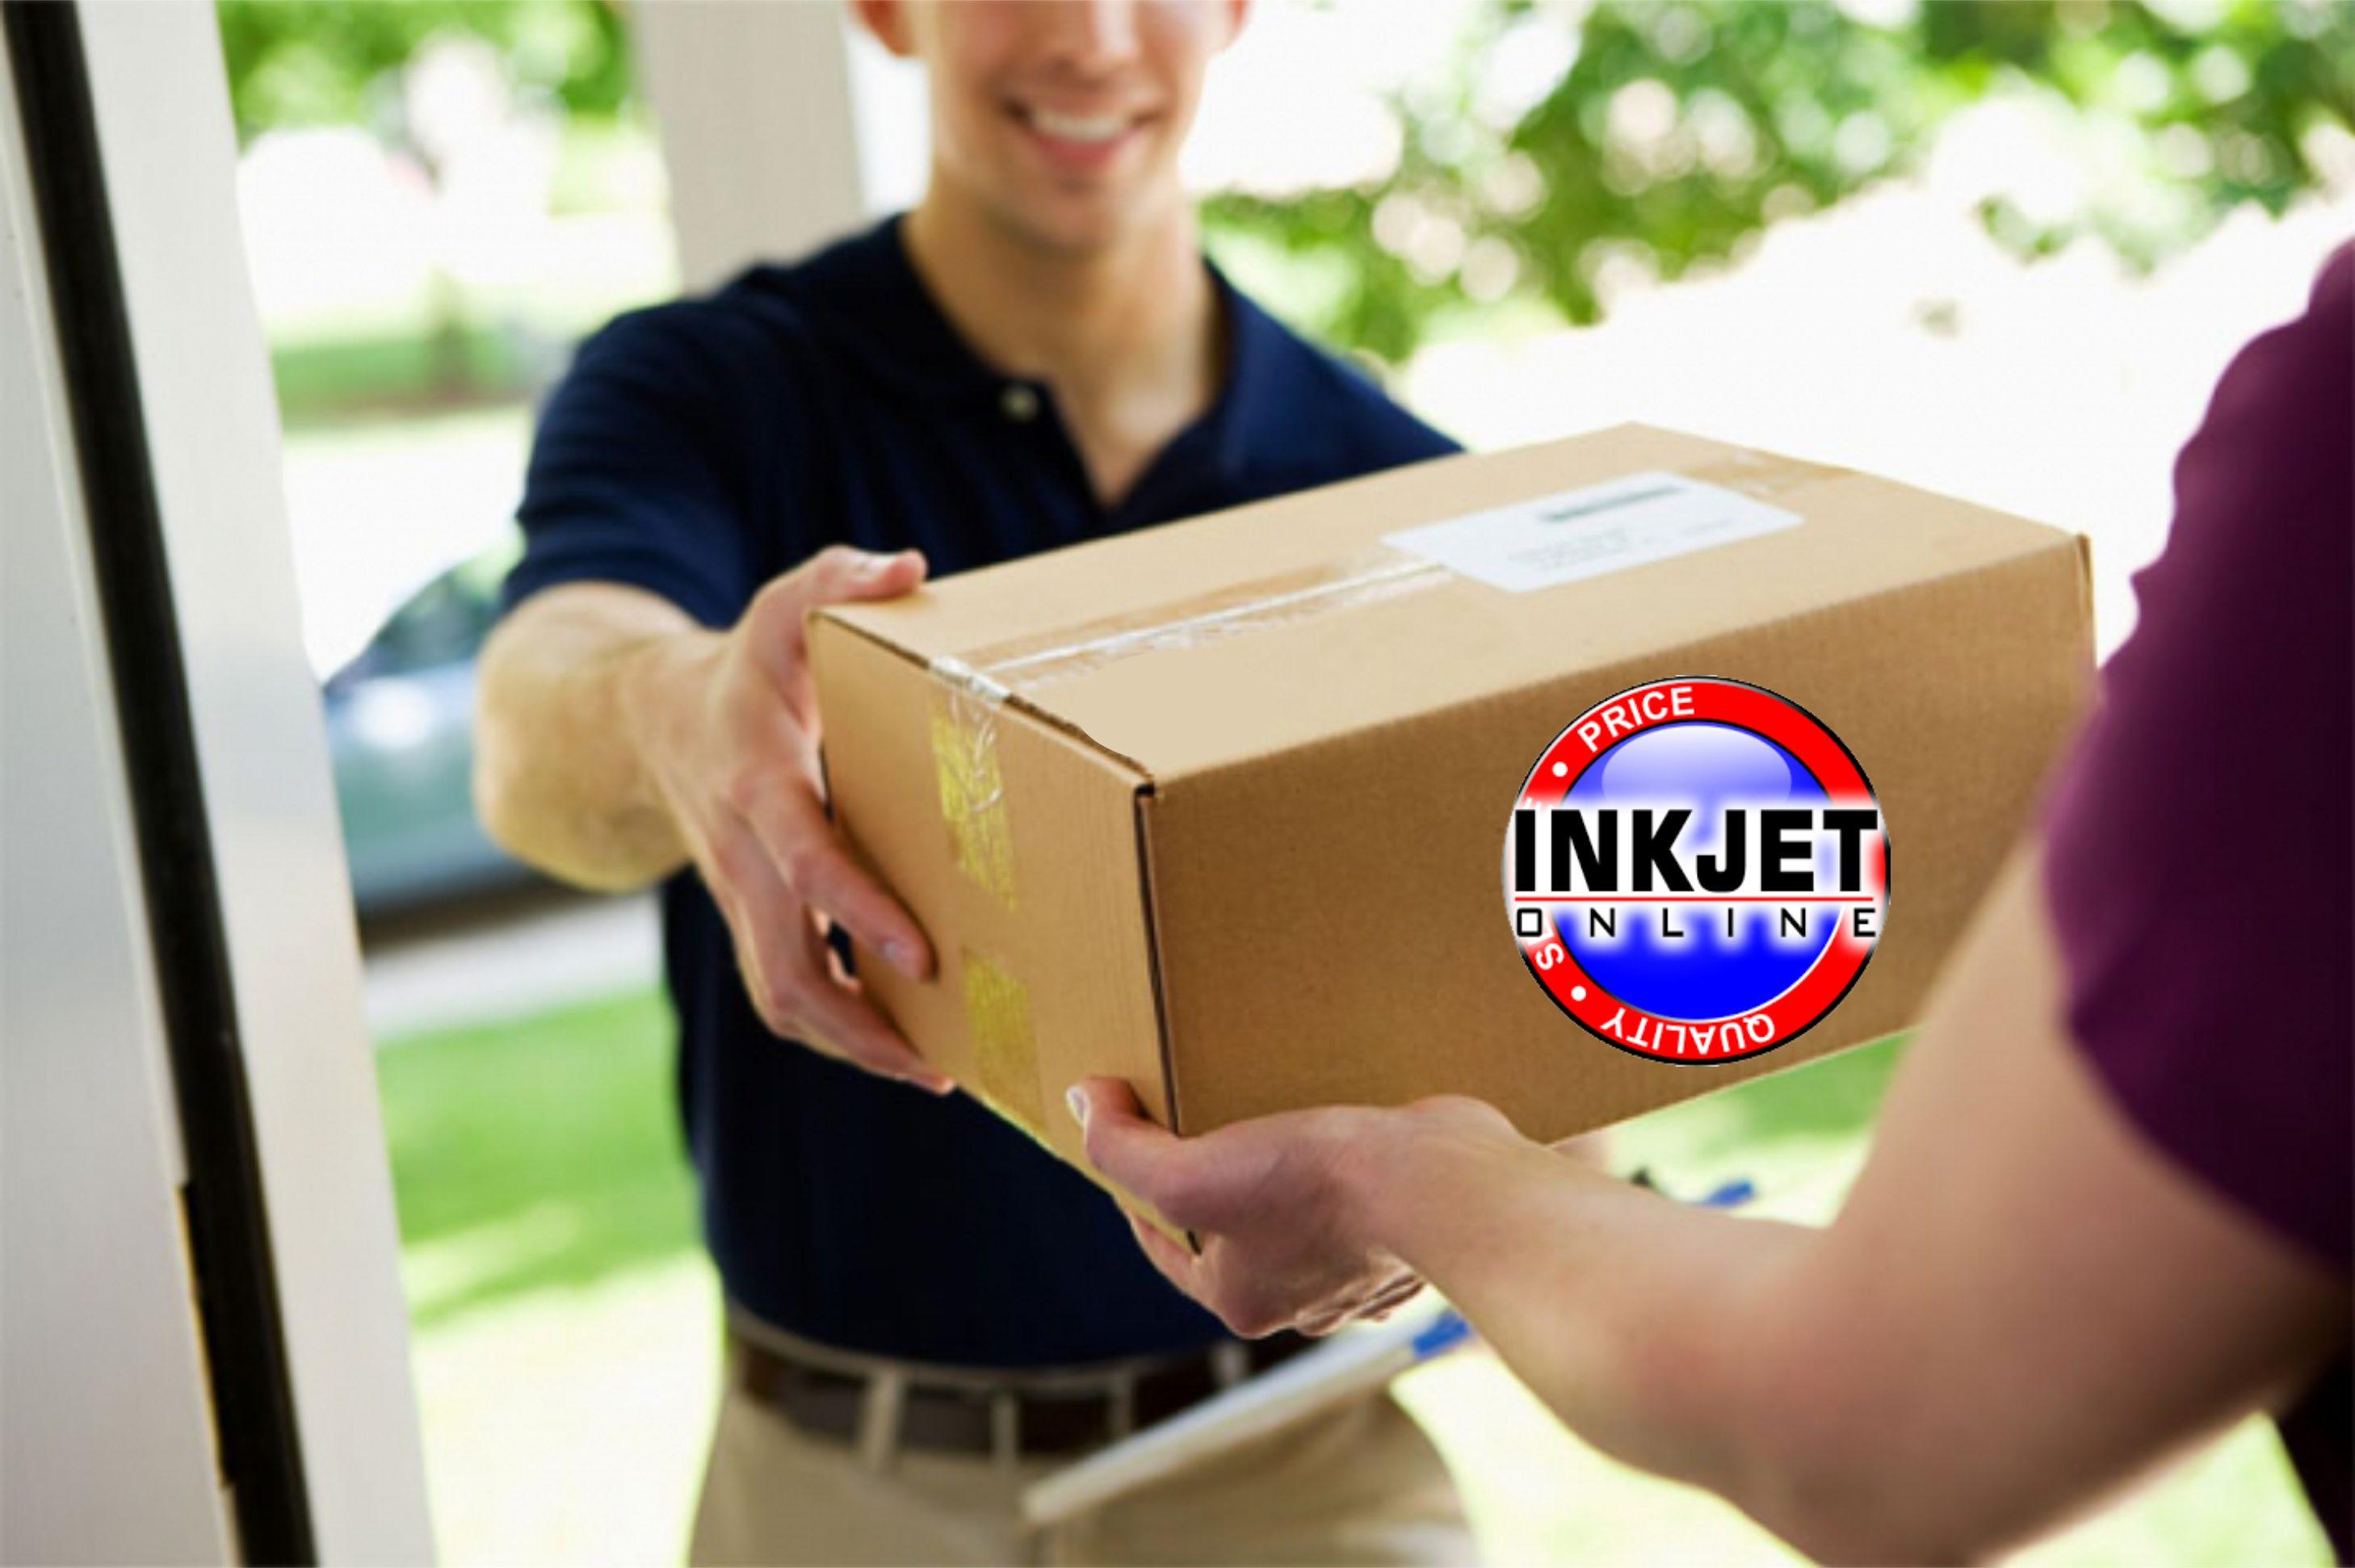 Inkjet Online Delivery